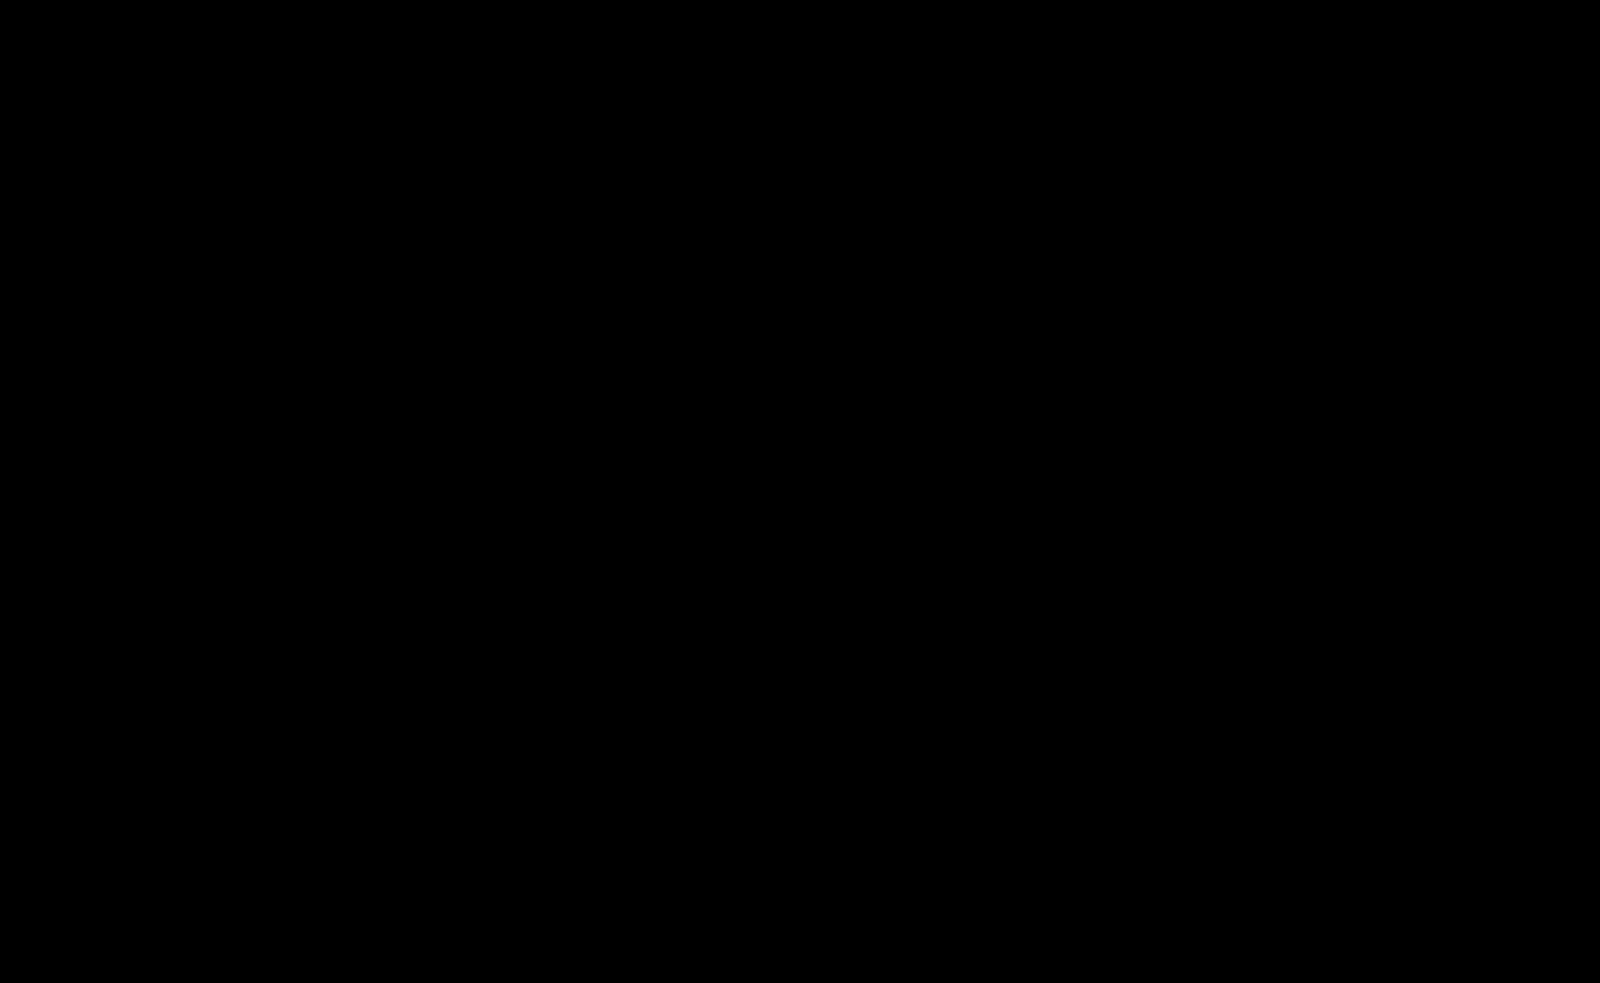 Pentagrama de feliz cumpleanos para piano